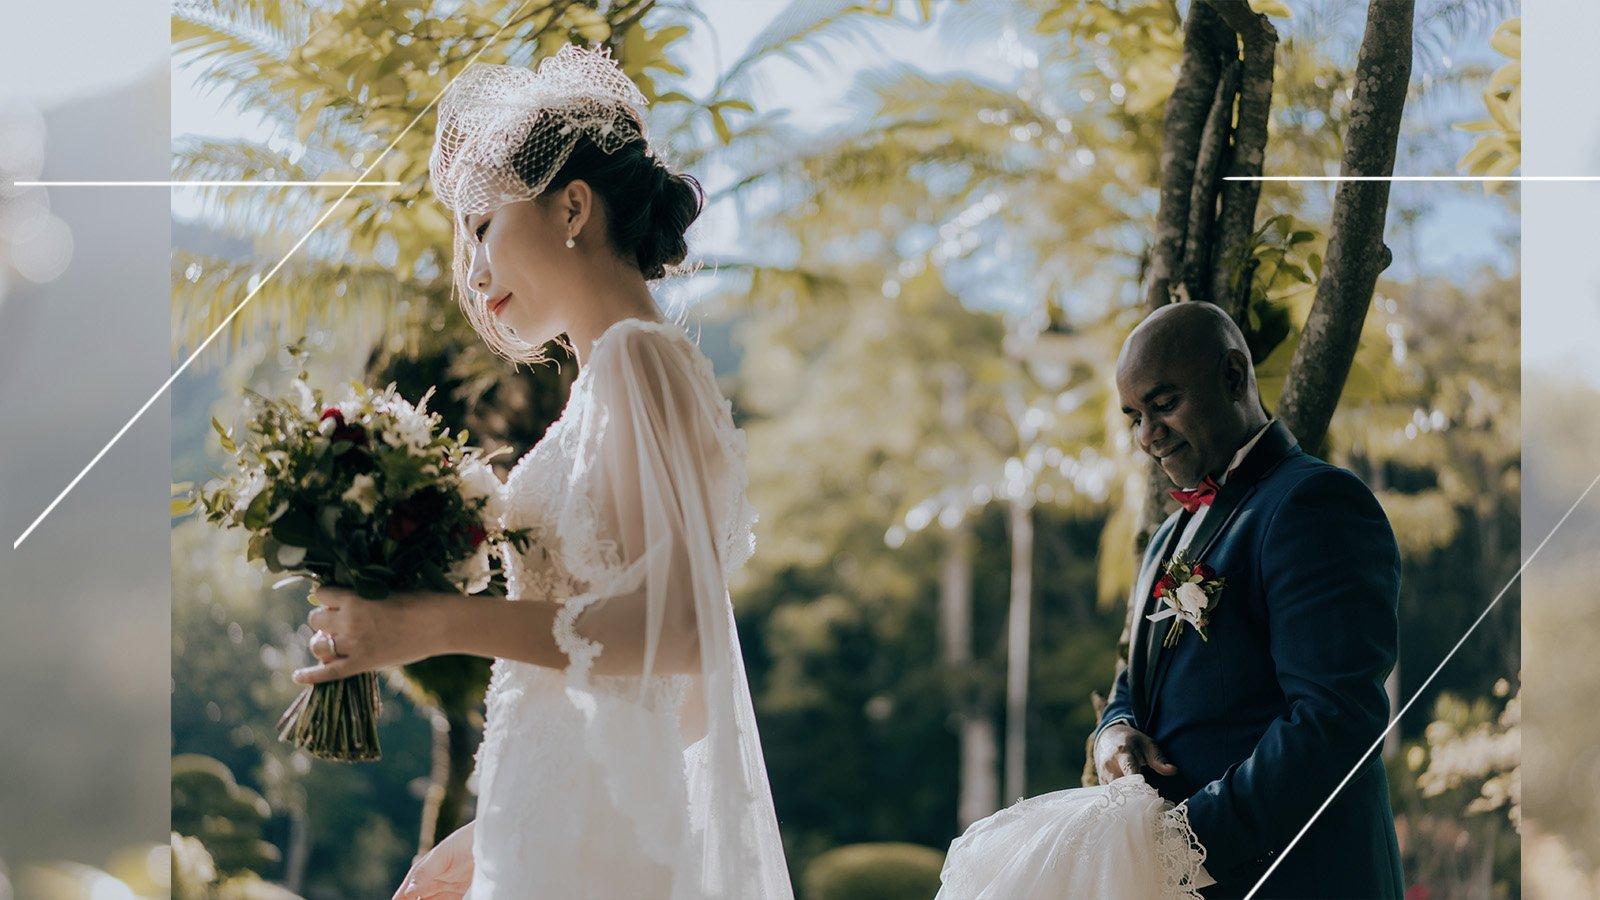 初次的回憶 | 香港婚紗攝影 | Prewedding Photo